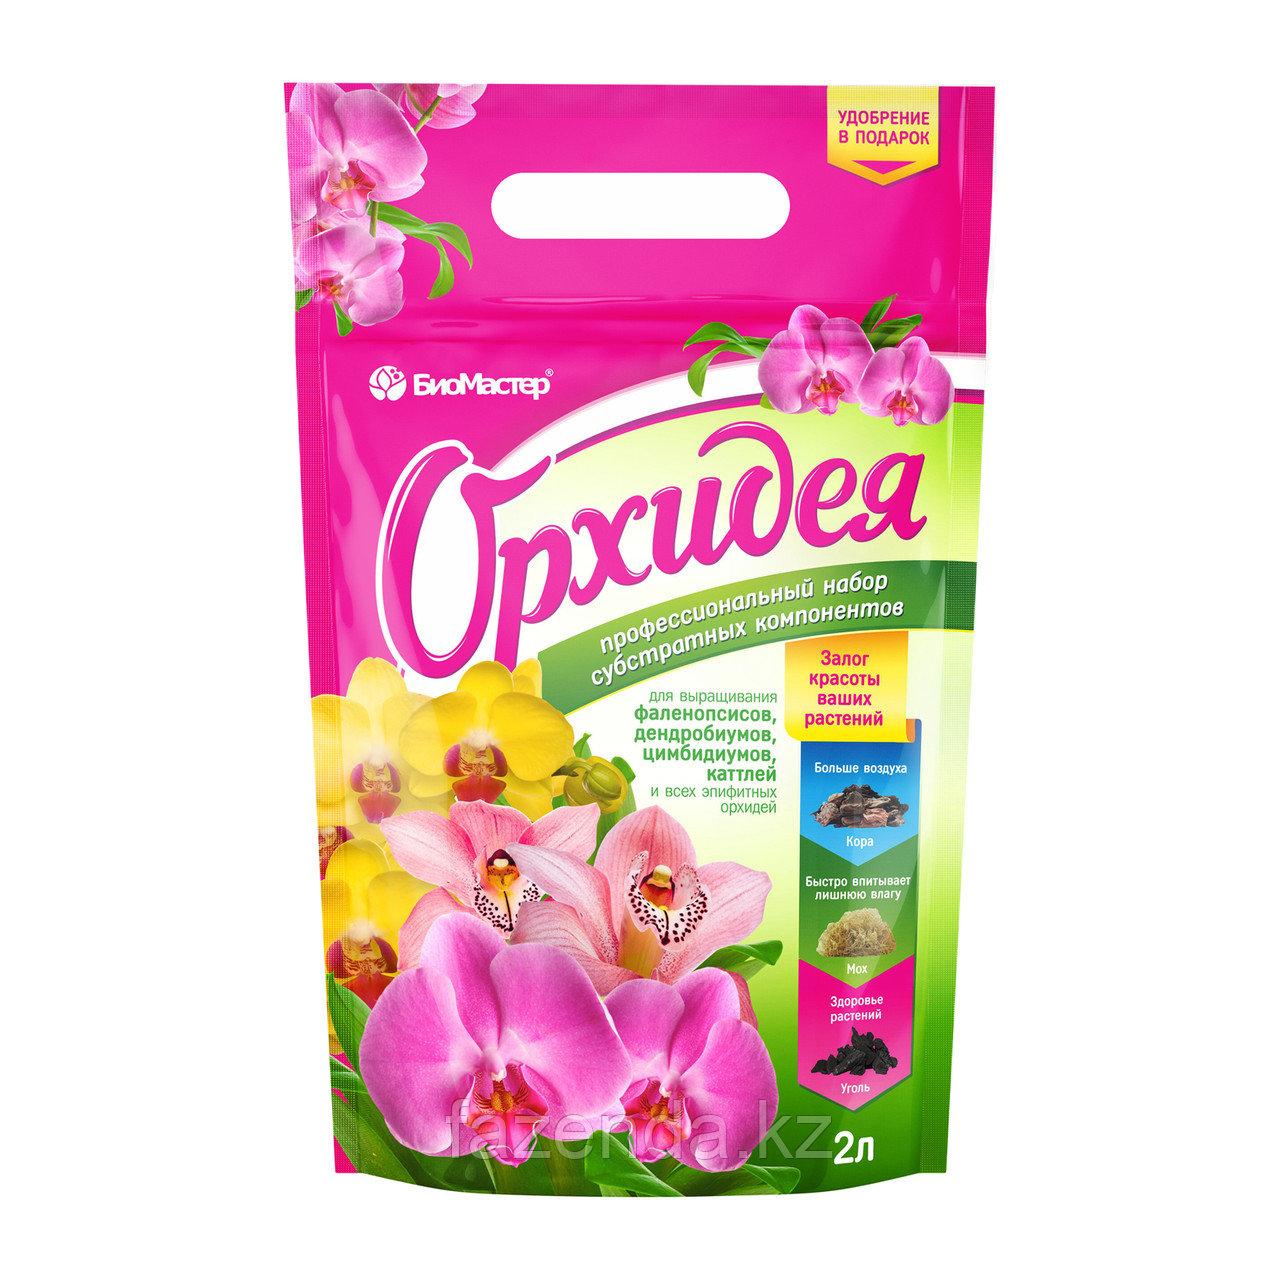 Орхидея, набор компонентов, 2л + комплексное удобрение, 5мл